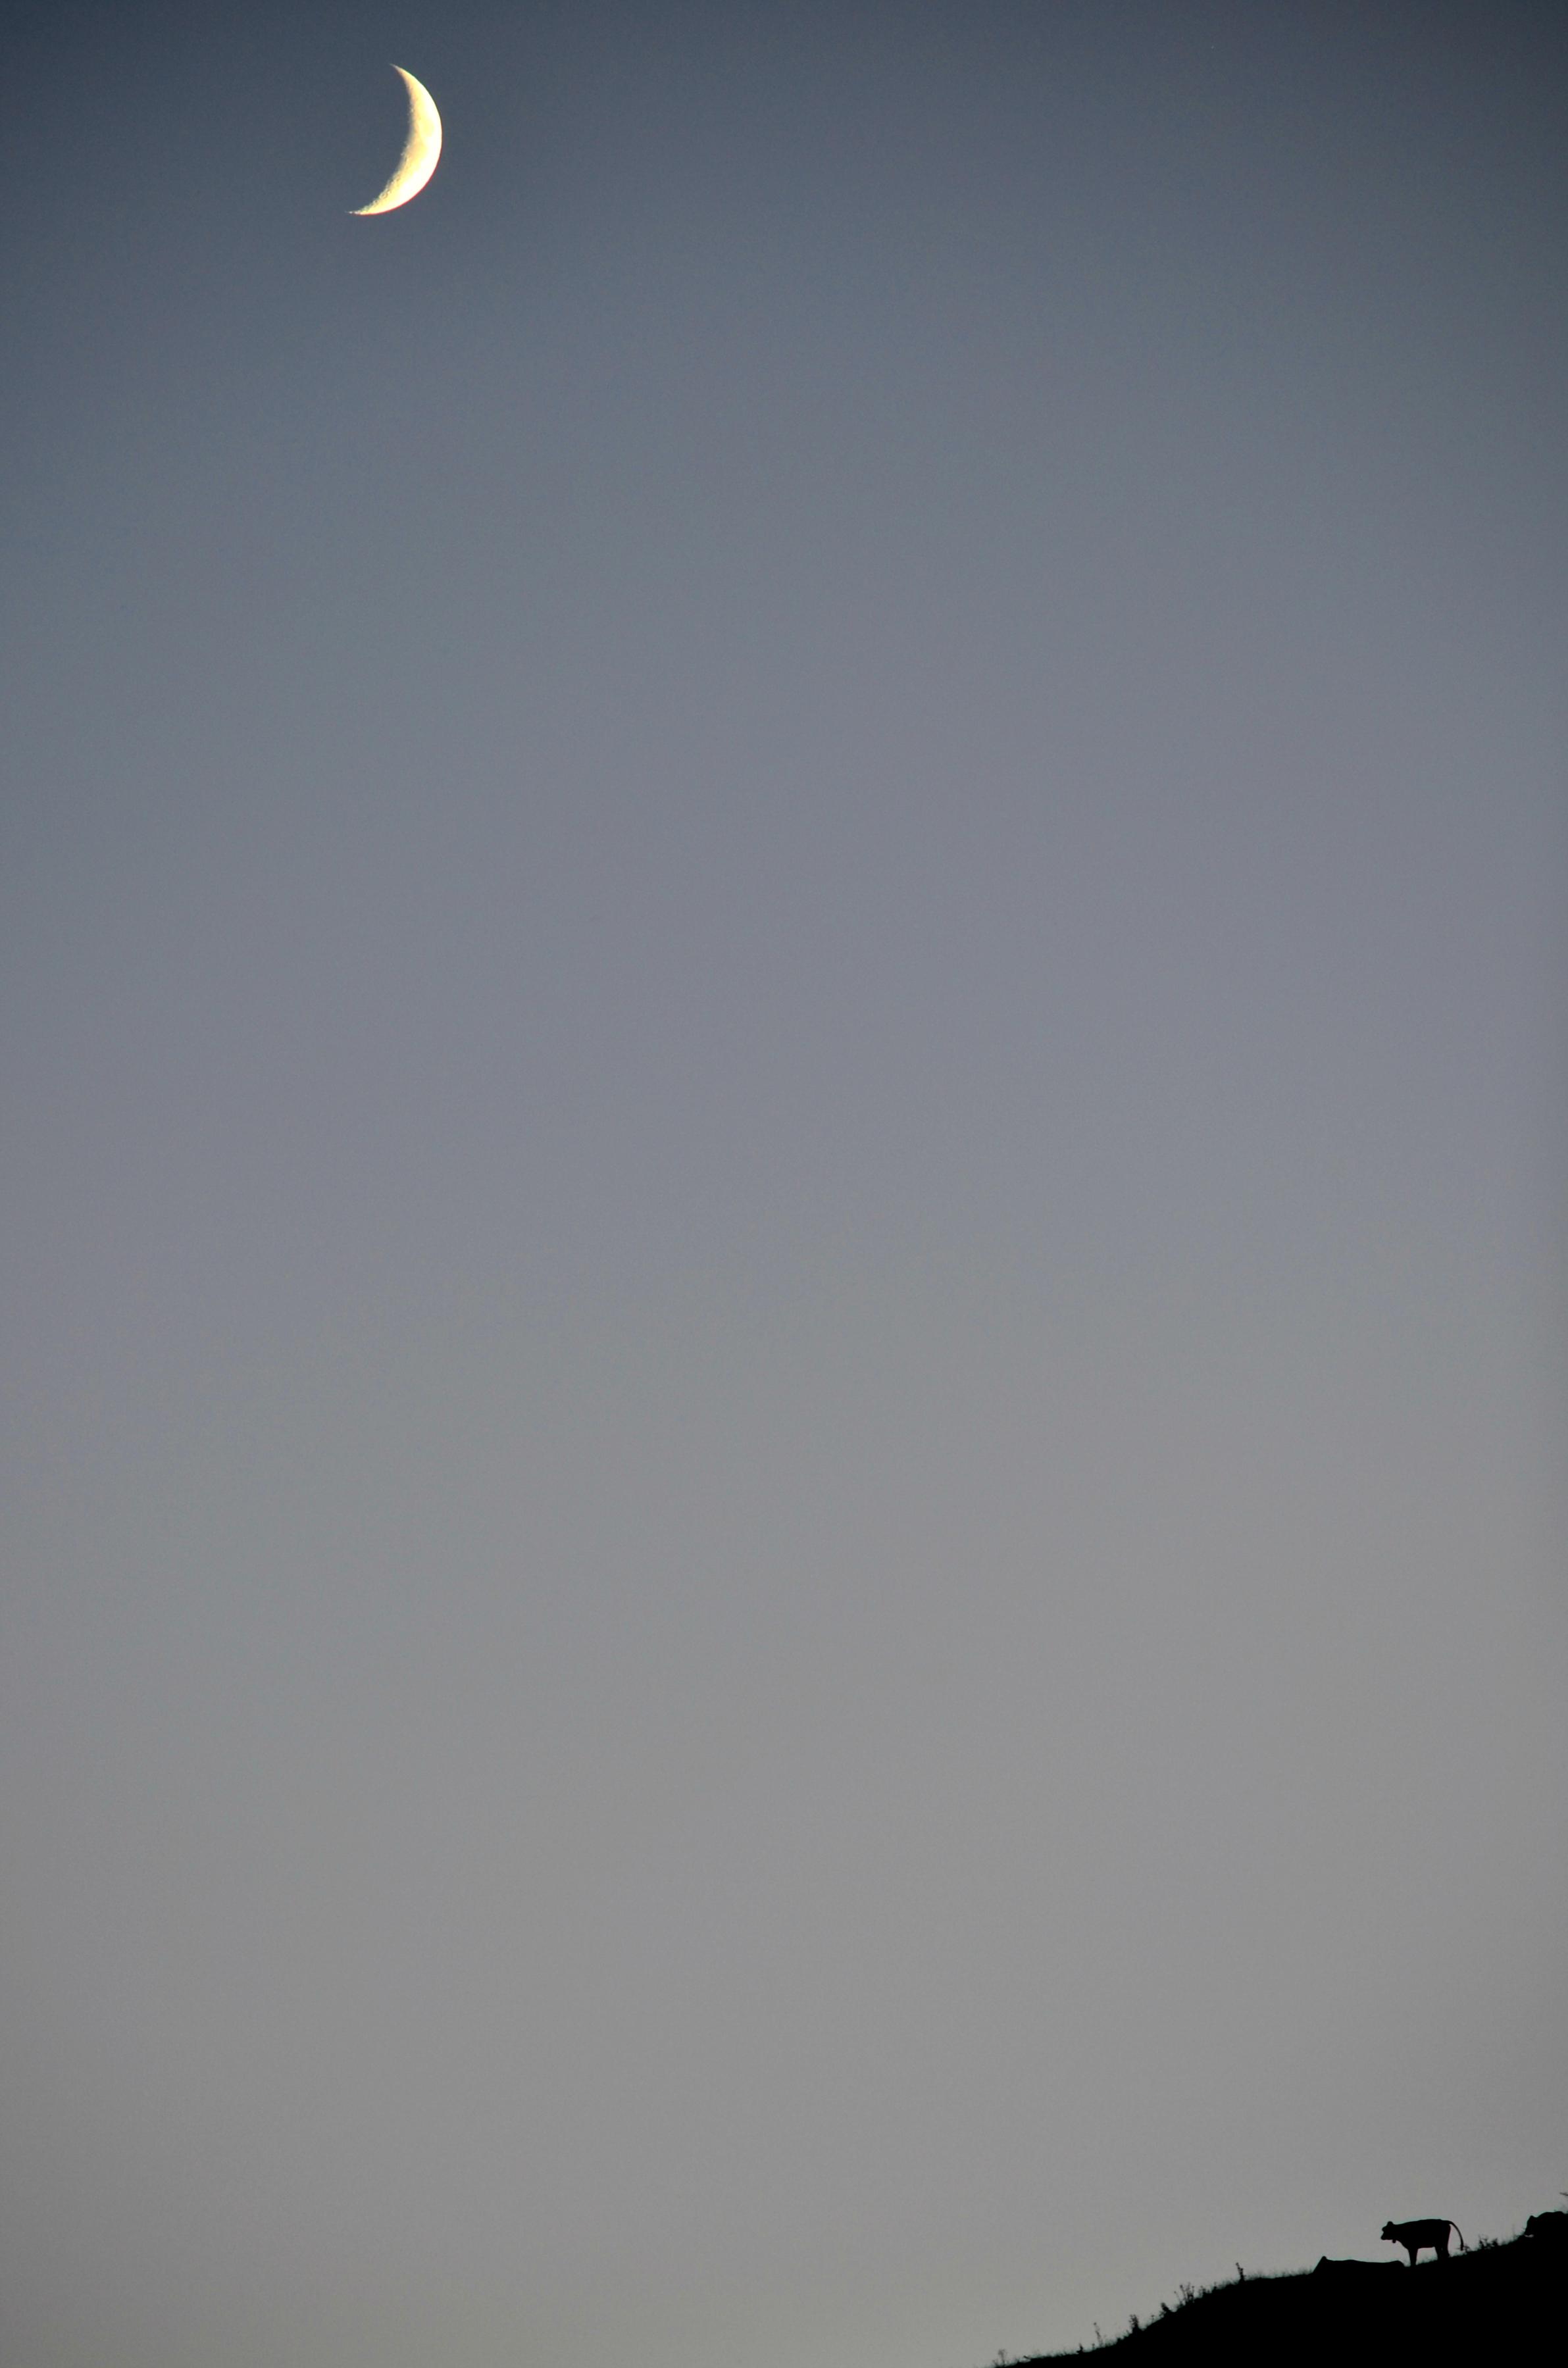 A0169 Mondfreundschaft.jpg